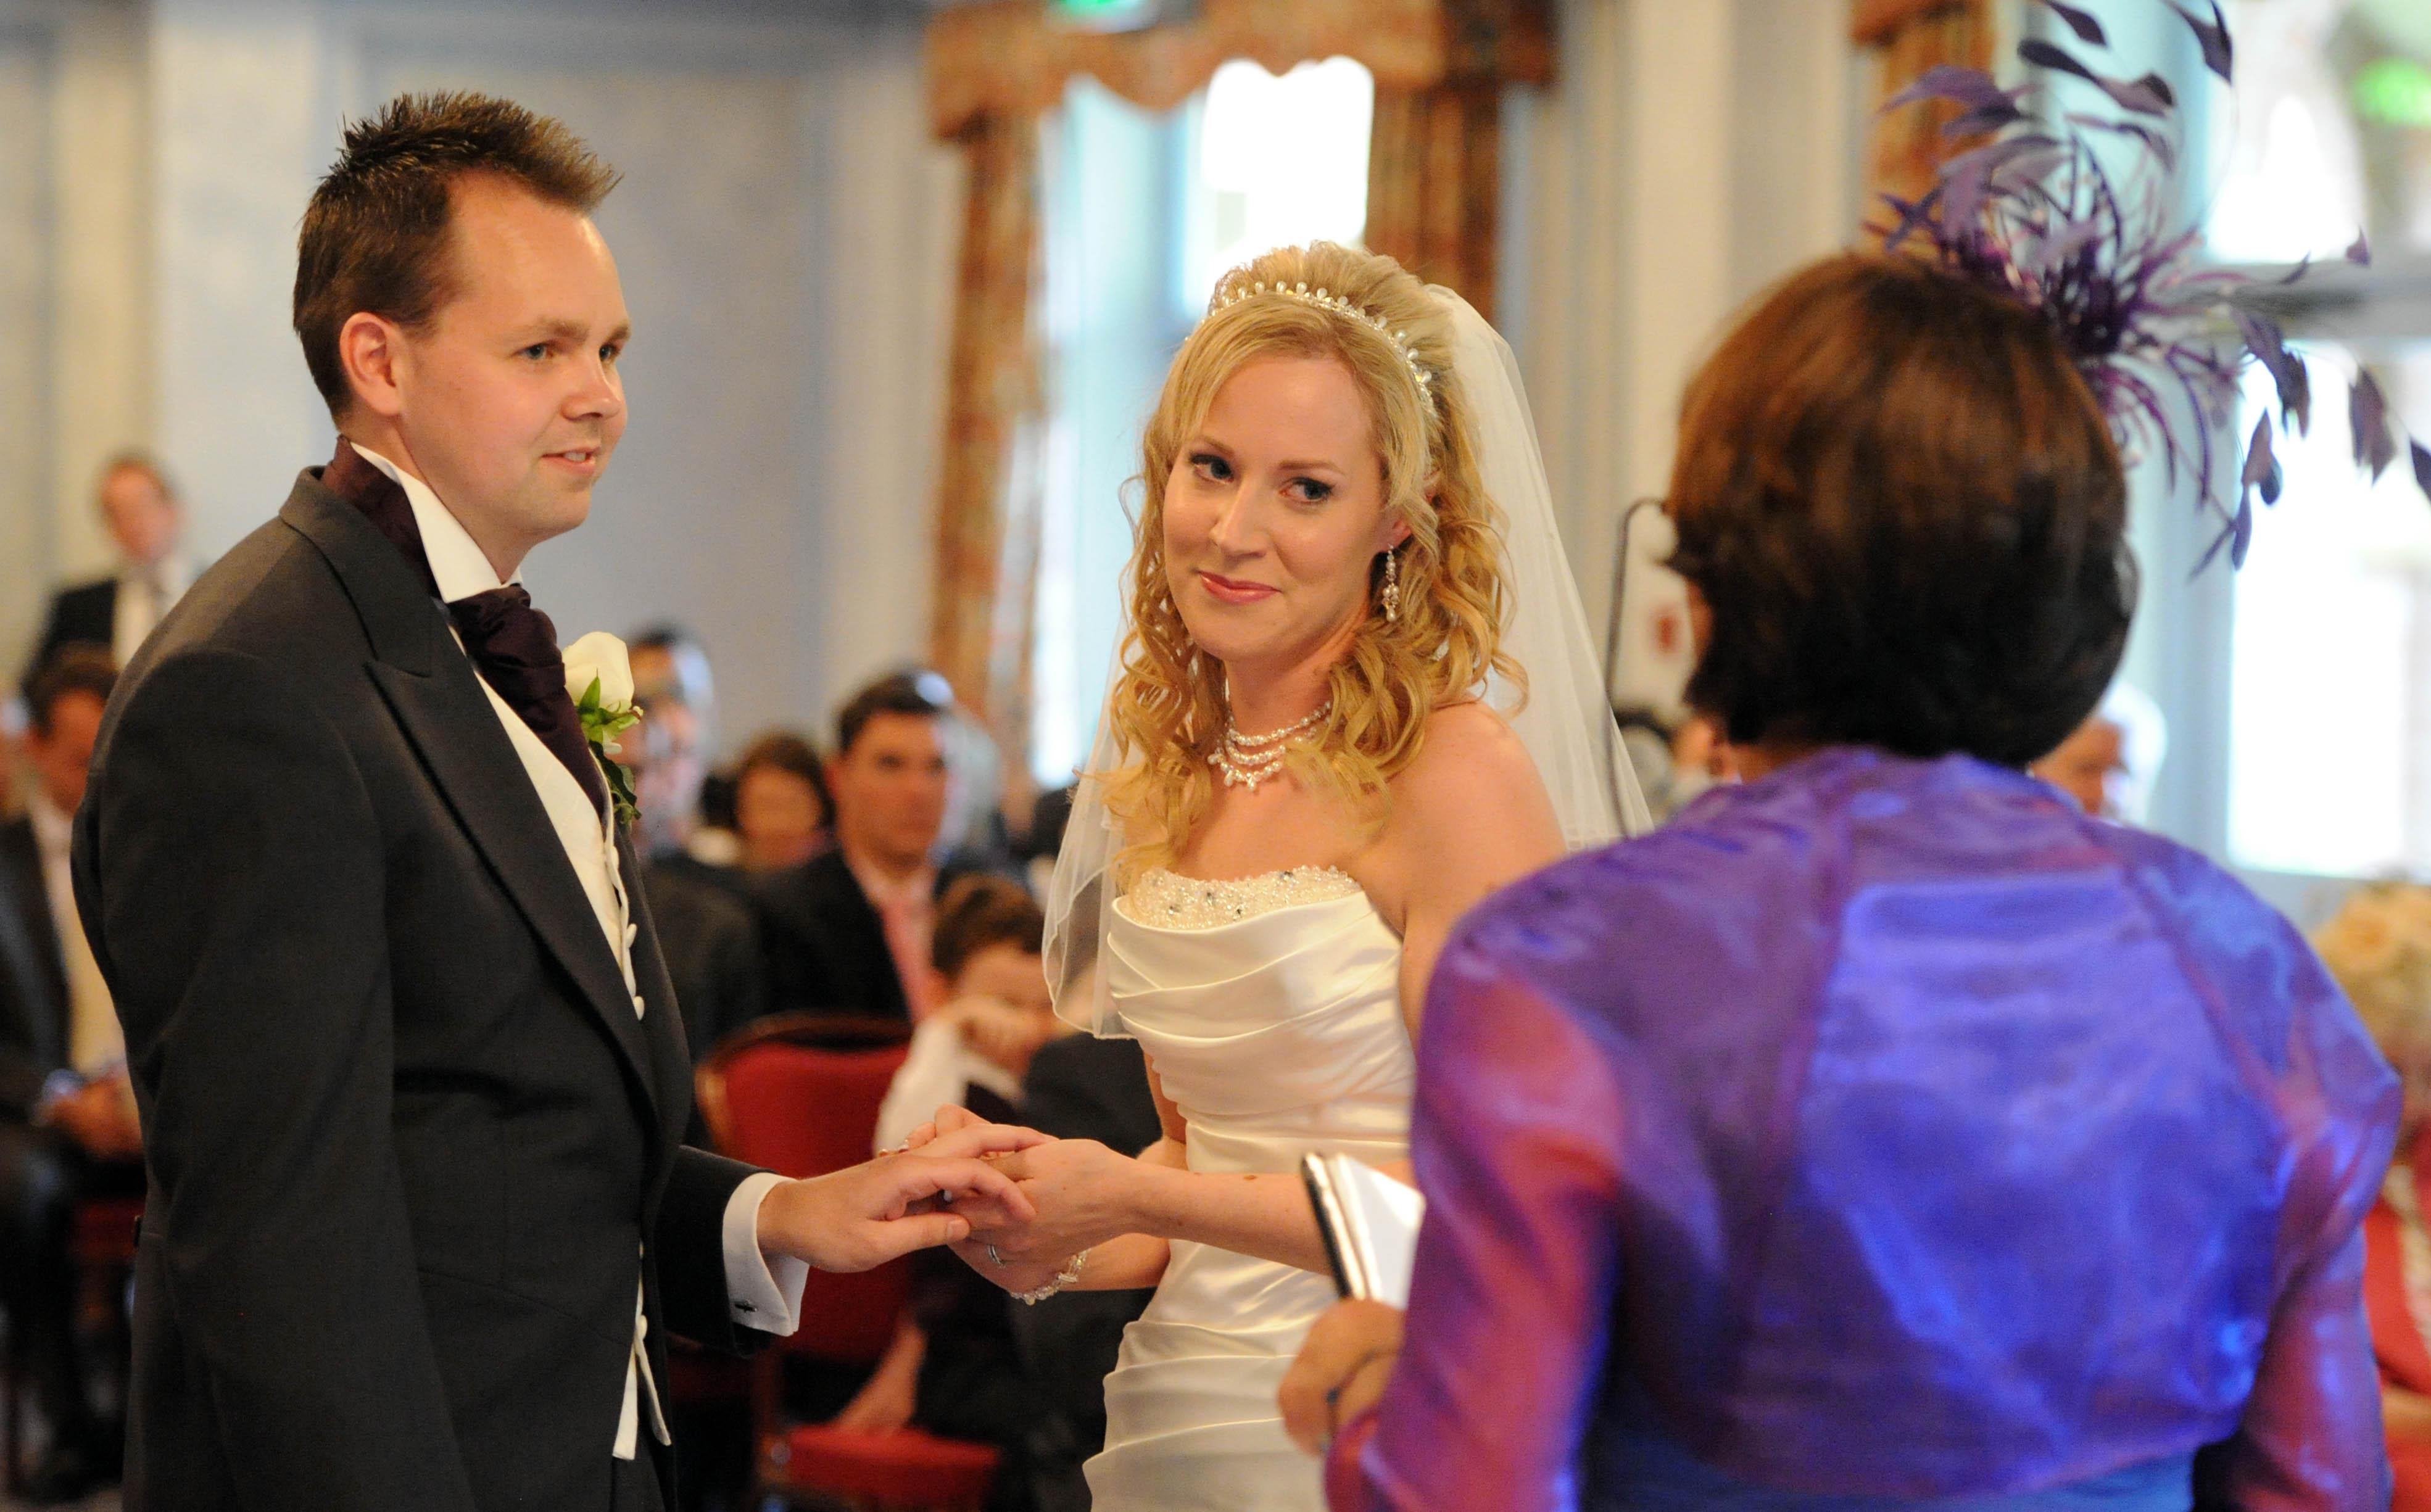 Hertfordshire Wedding - July 2011